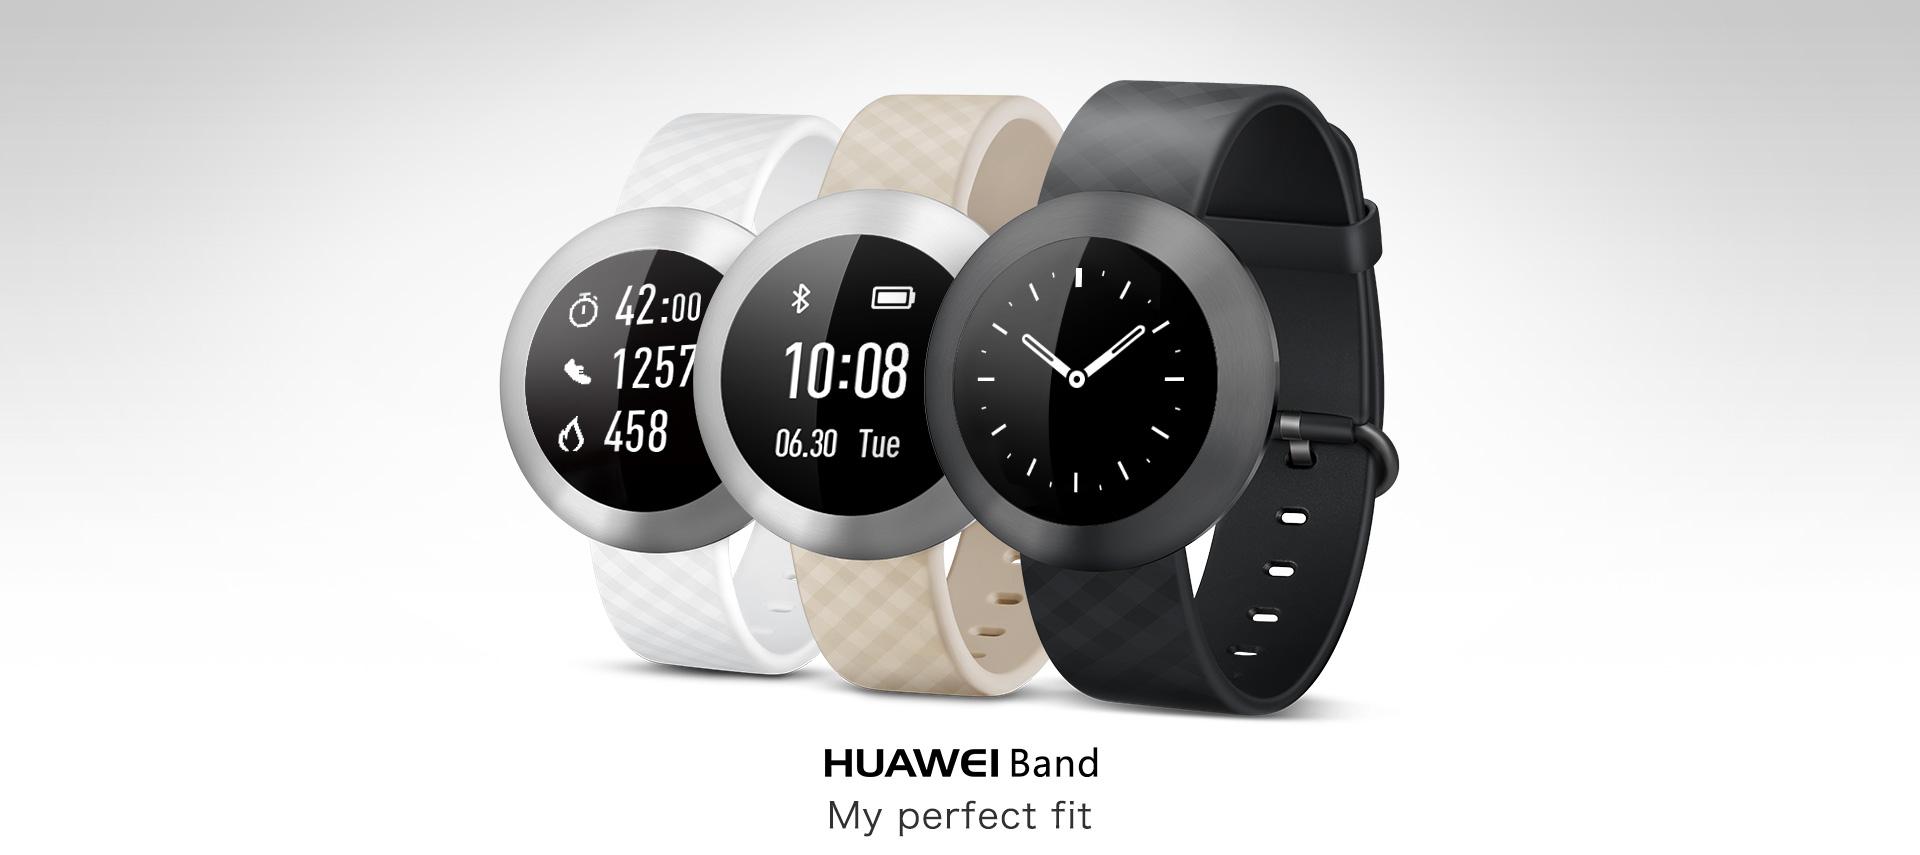 Huawei Band Price In Pakistan Cream